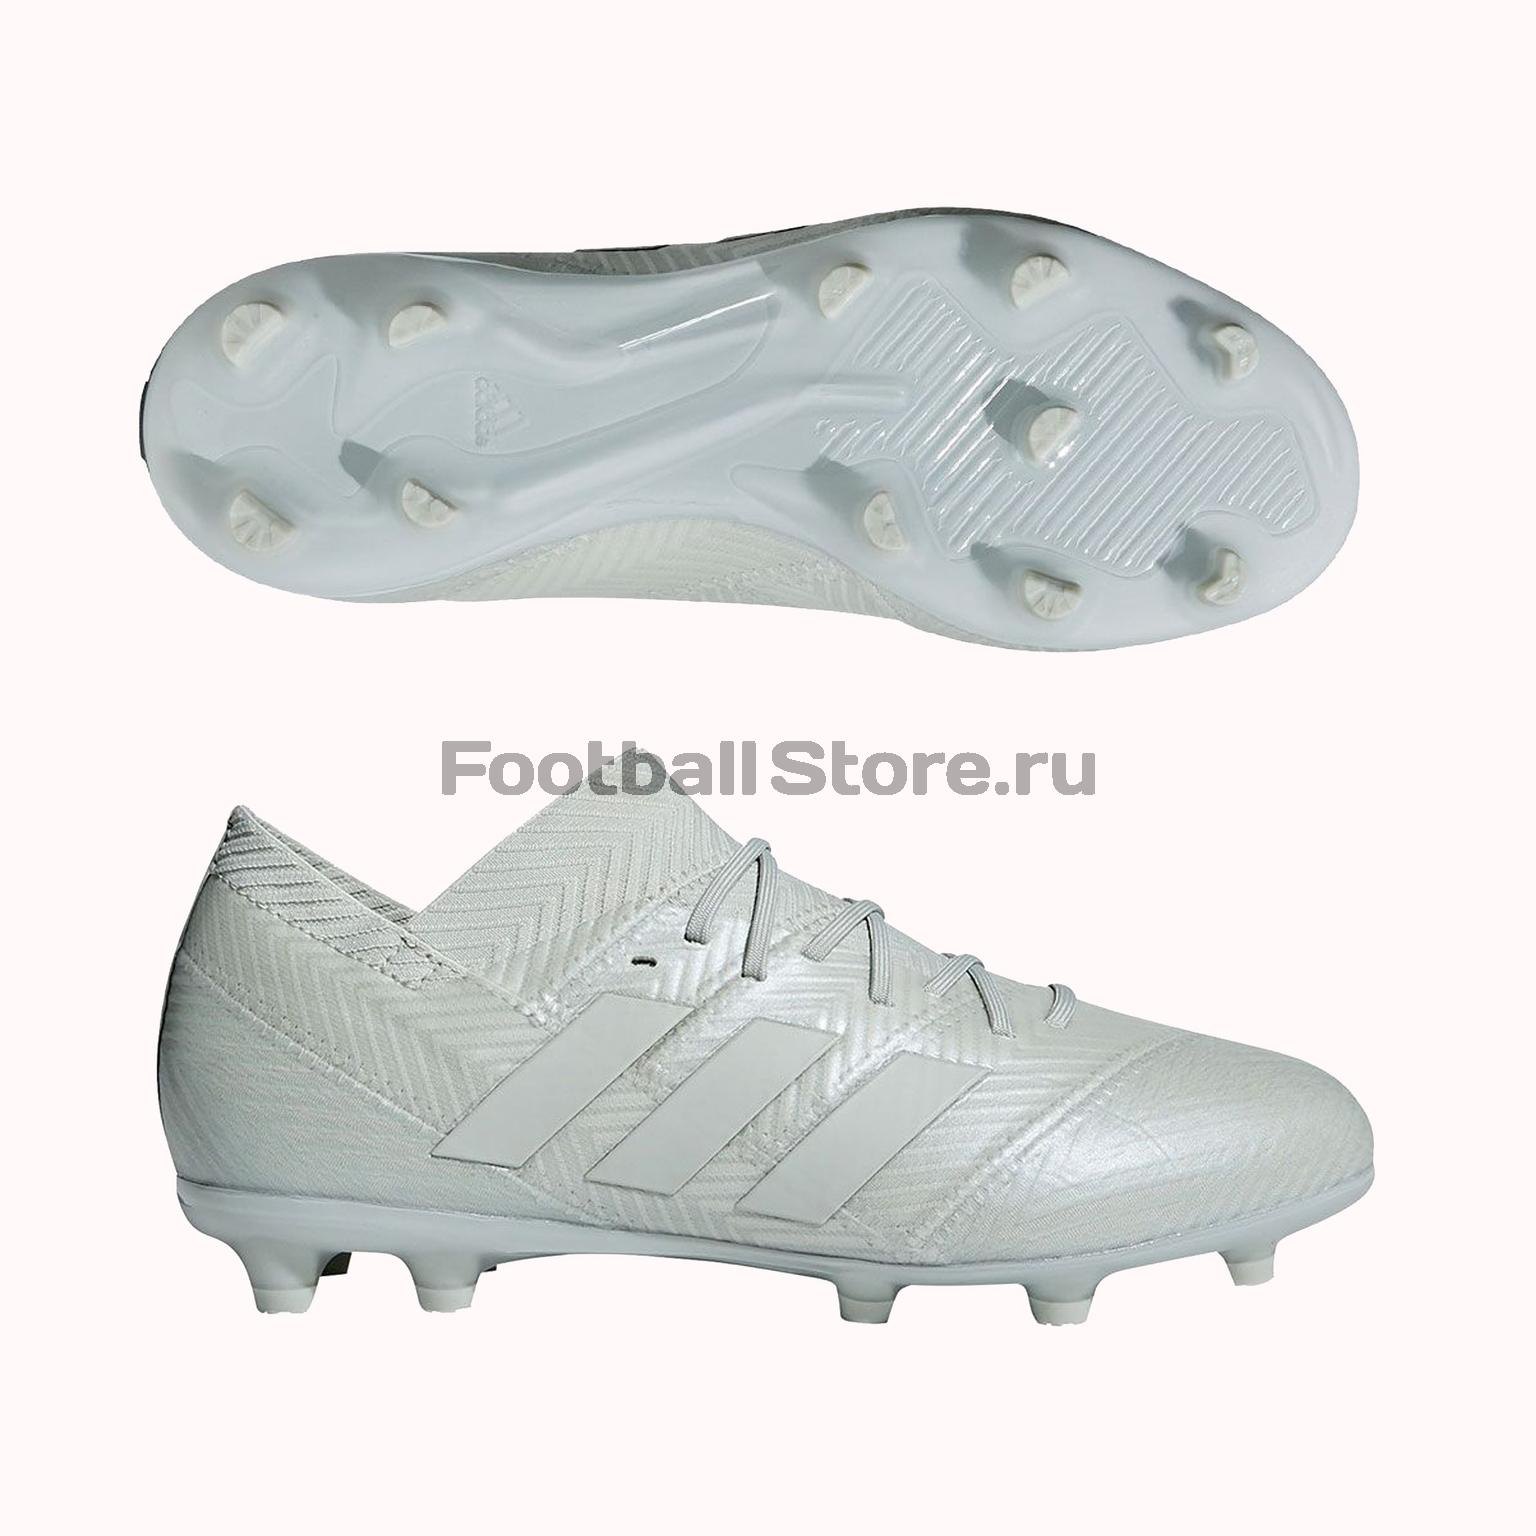 Бутсы детские Adidas Nemeziz 18.1 FG DB2349 бутсы adidas messi 16 1 fg jr bb3852